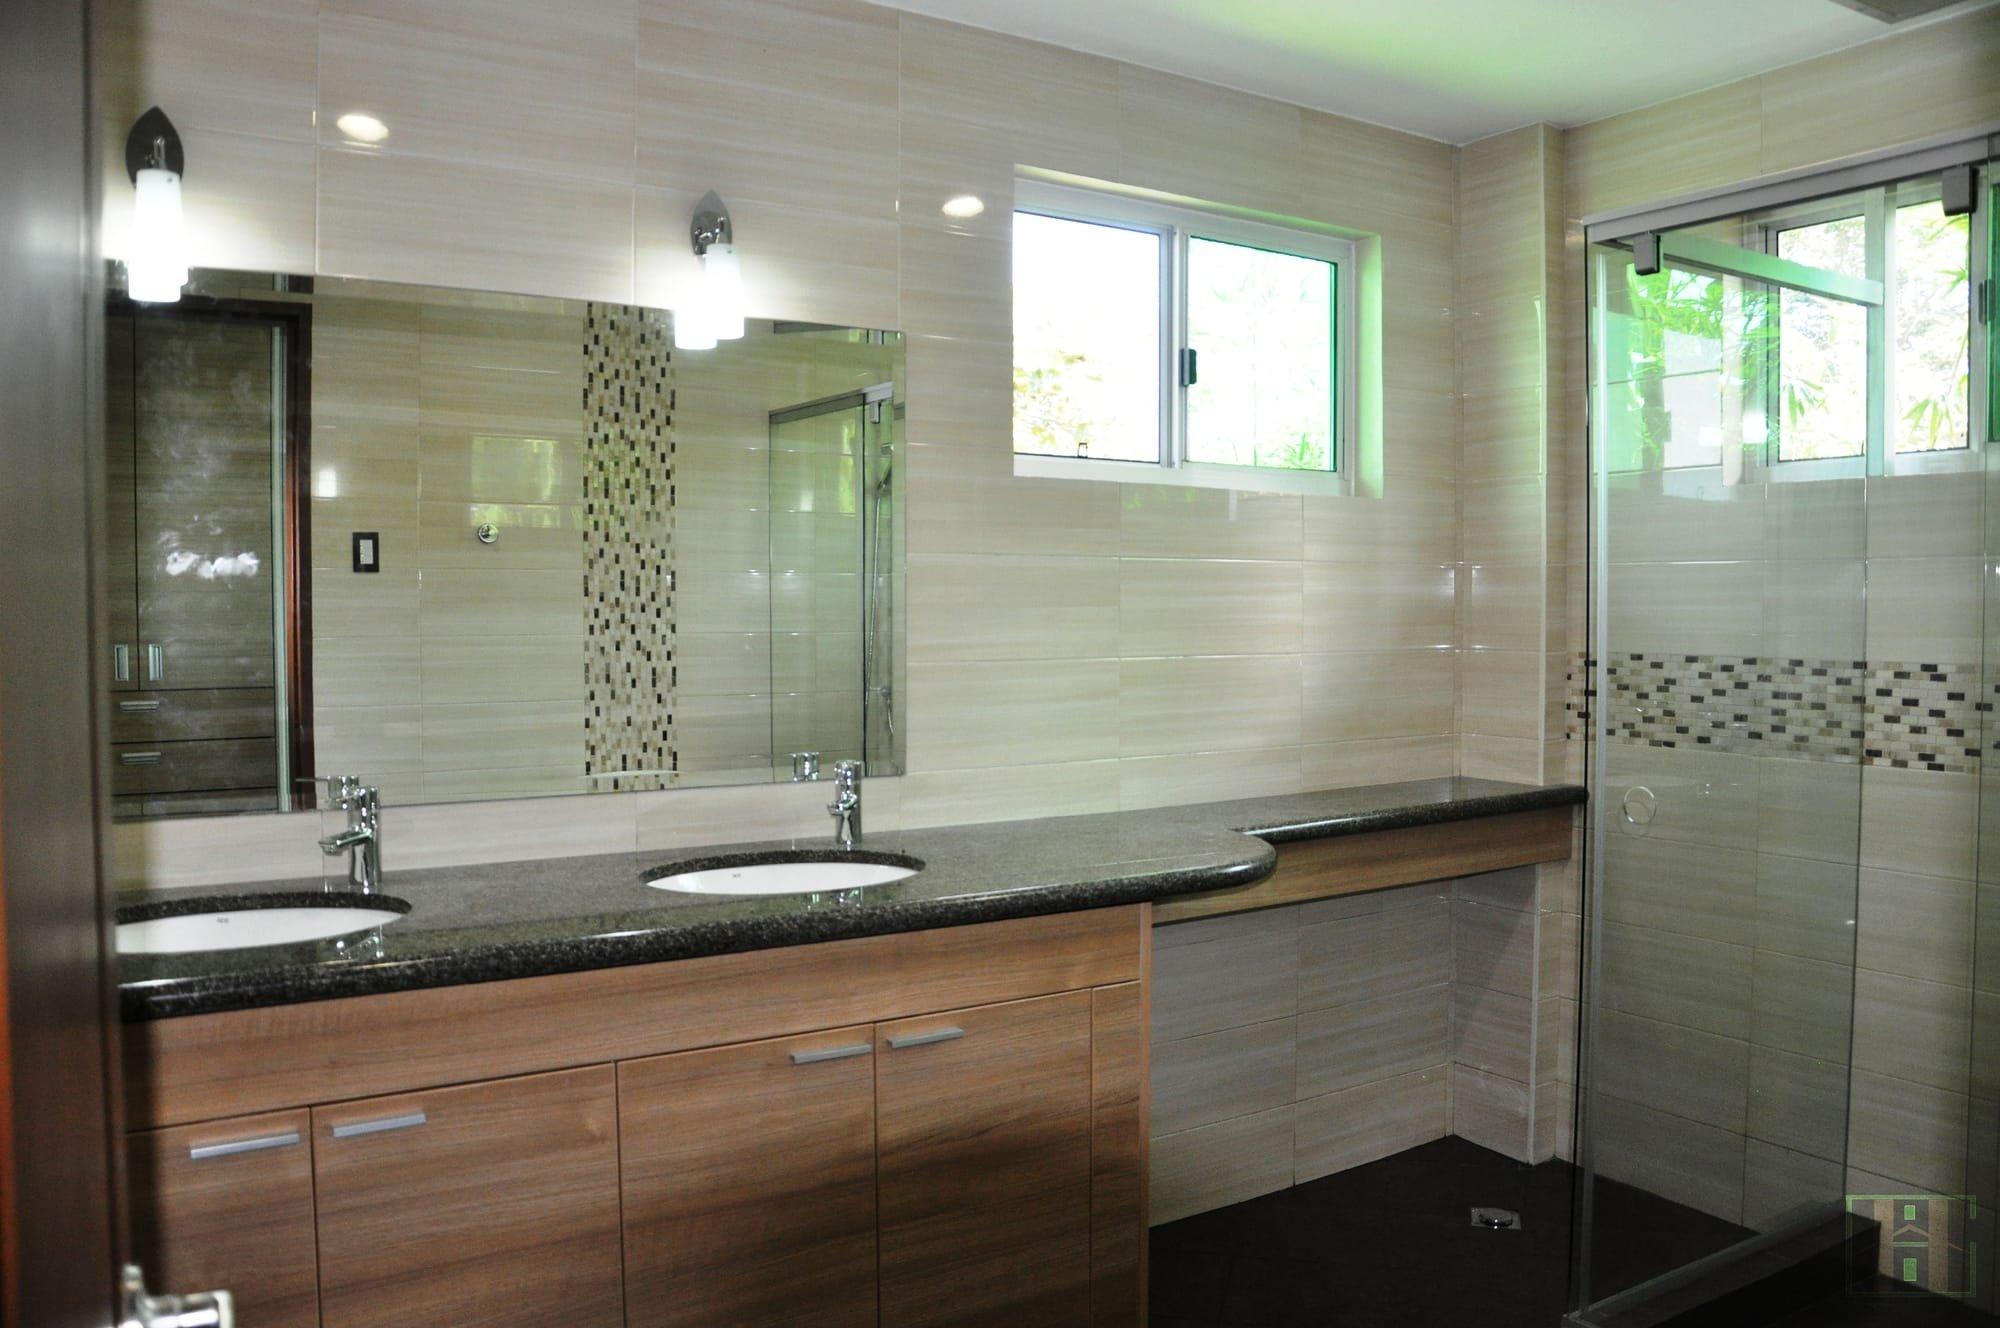 Bathroom cabinet makers - Home Builder Cabinet Maker